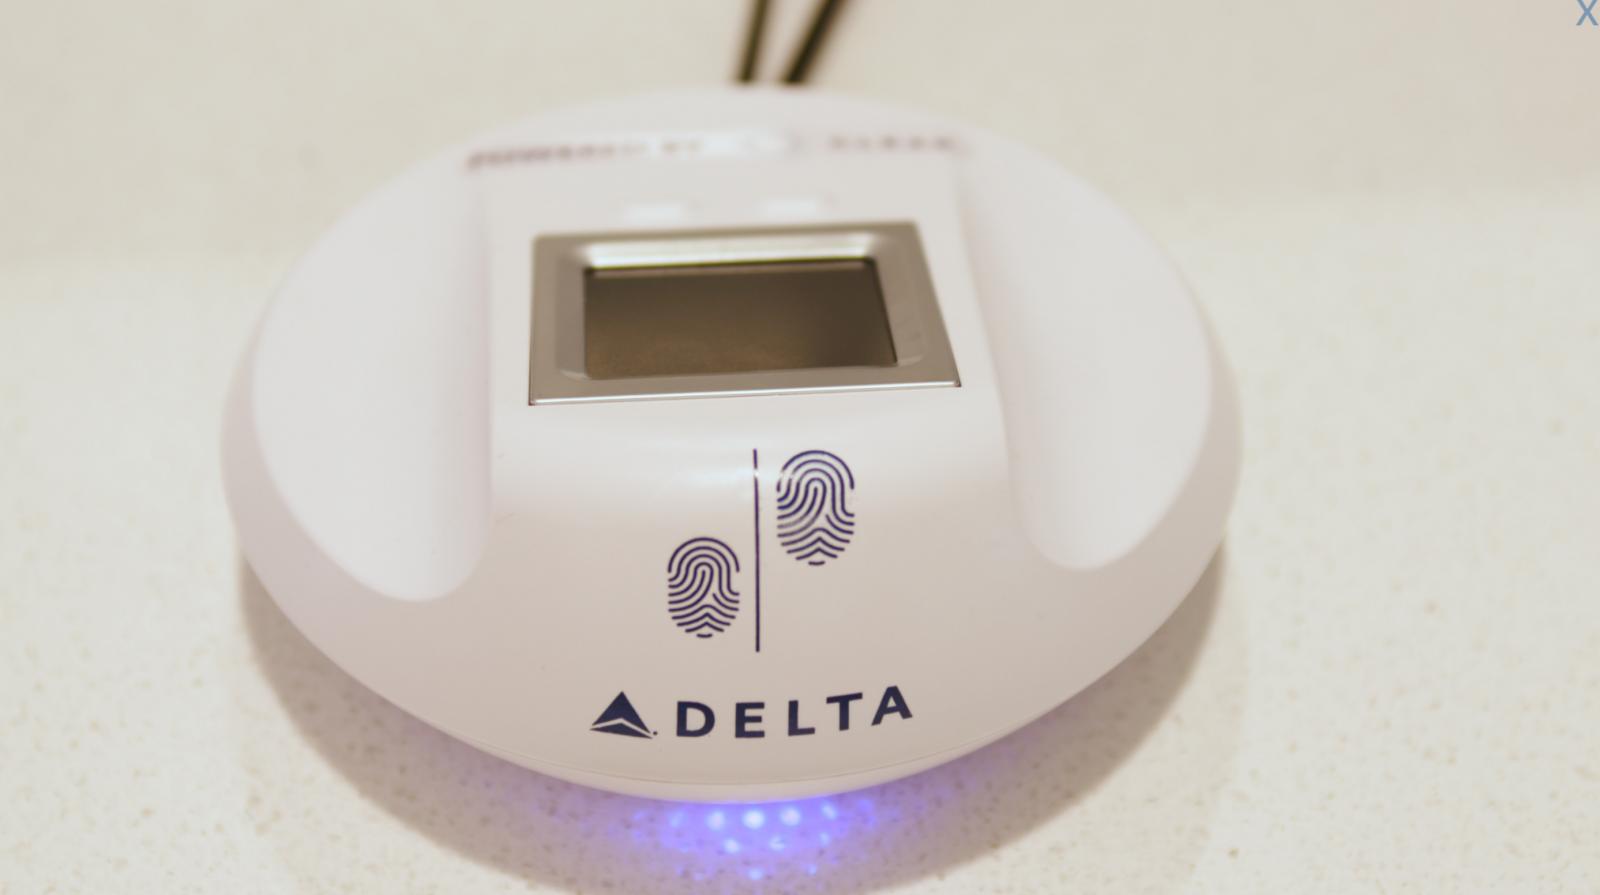 Delta fingerprint scanner